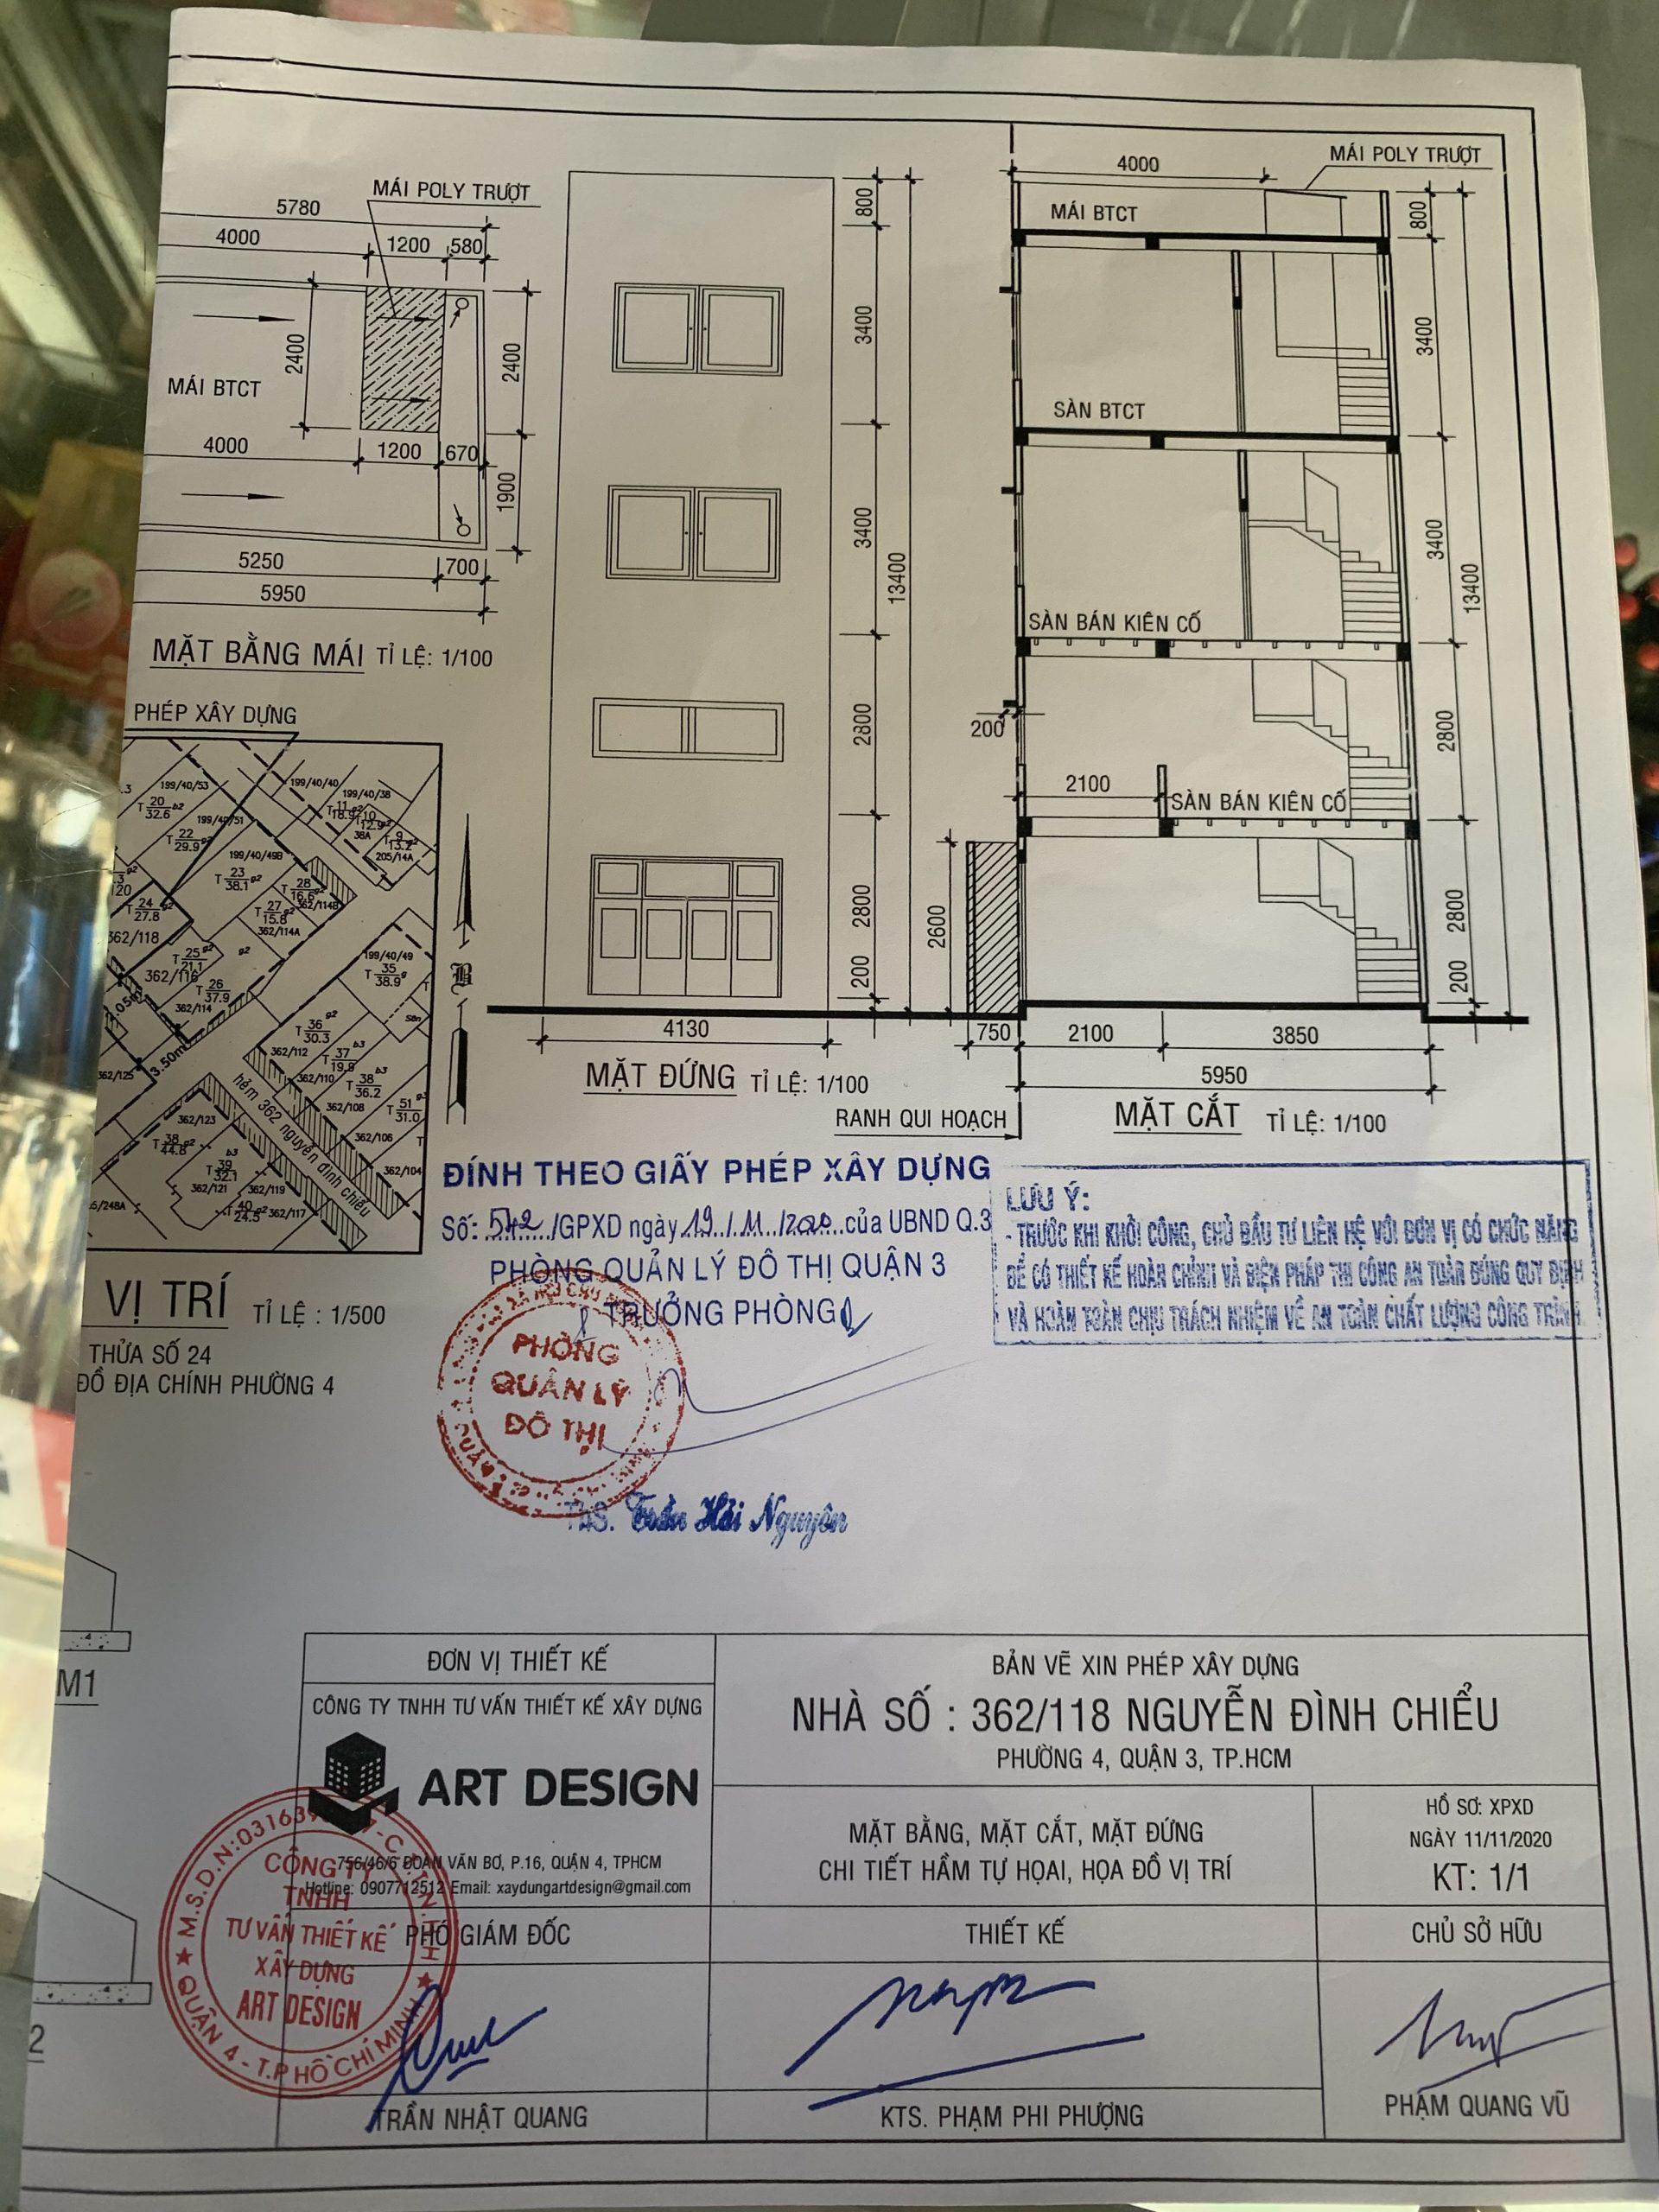 bản vẽ xin phép xây dựng quận 3